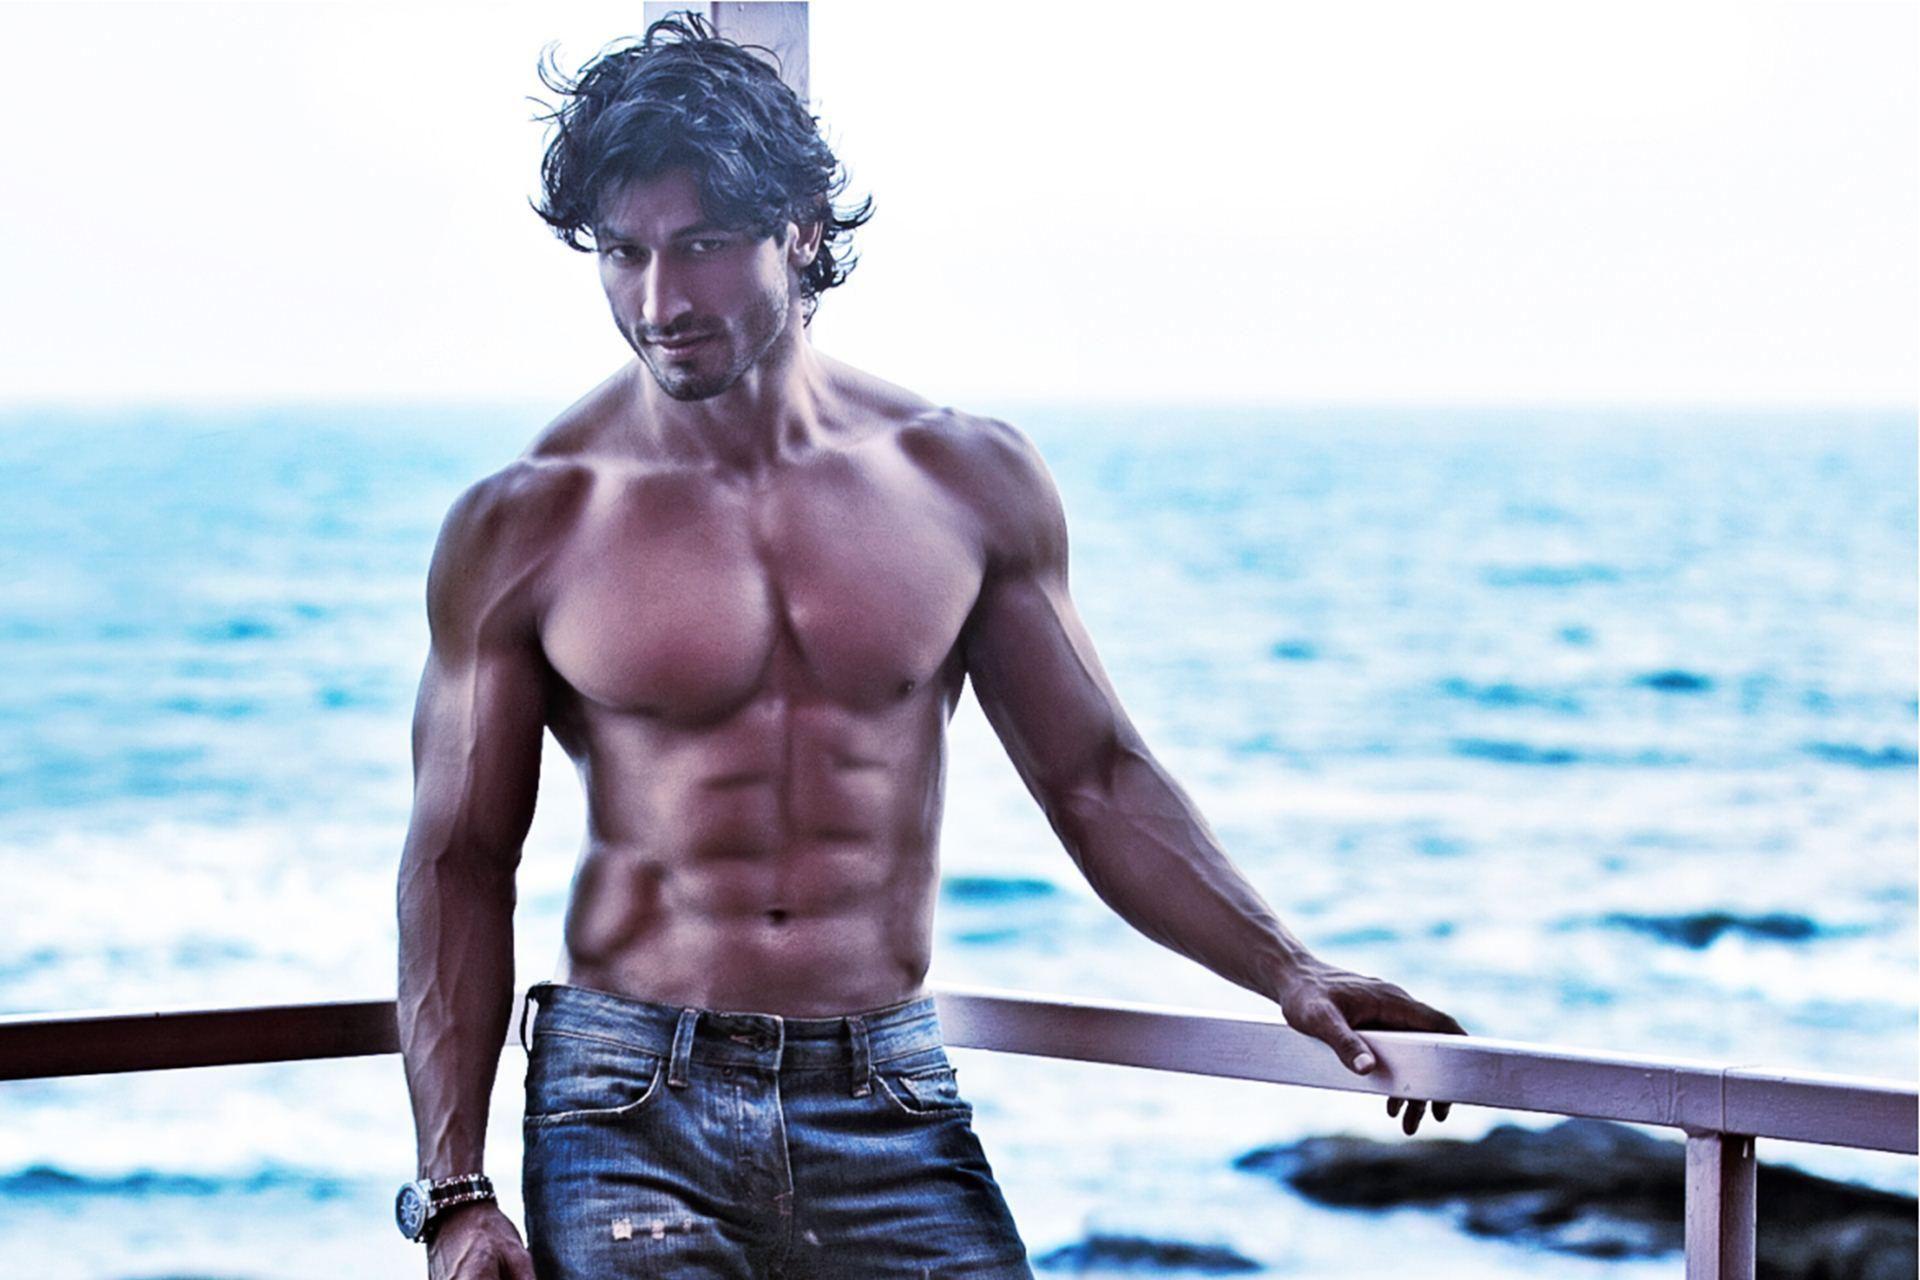 Vidyut Jamwal Indian Actor Model Bollywood Martial Artist Hd